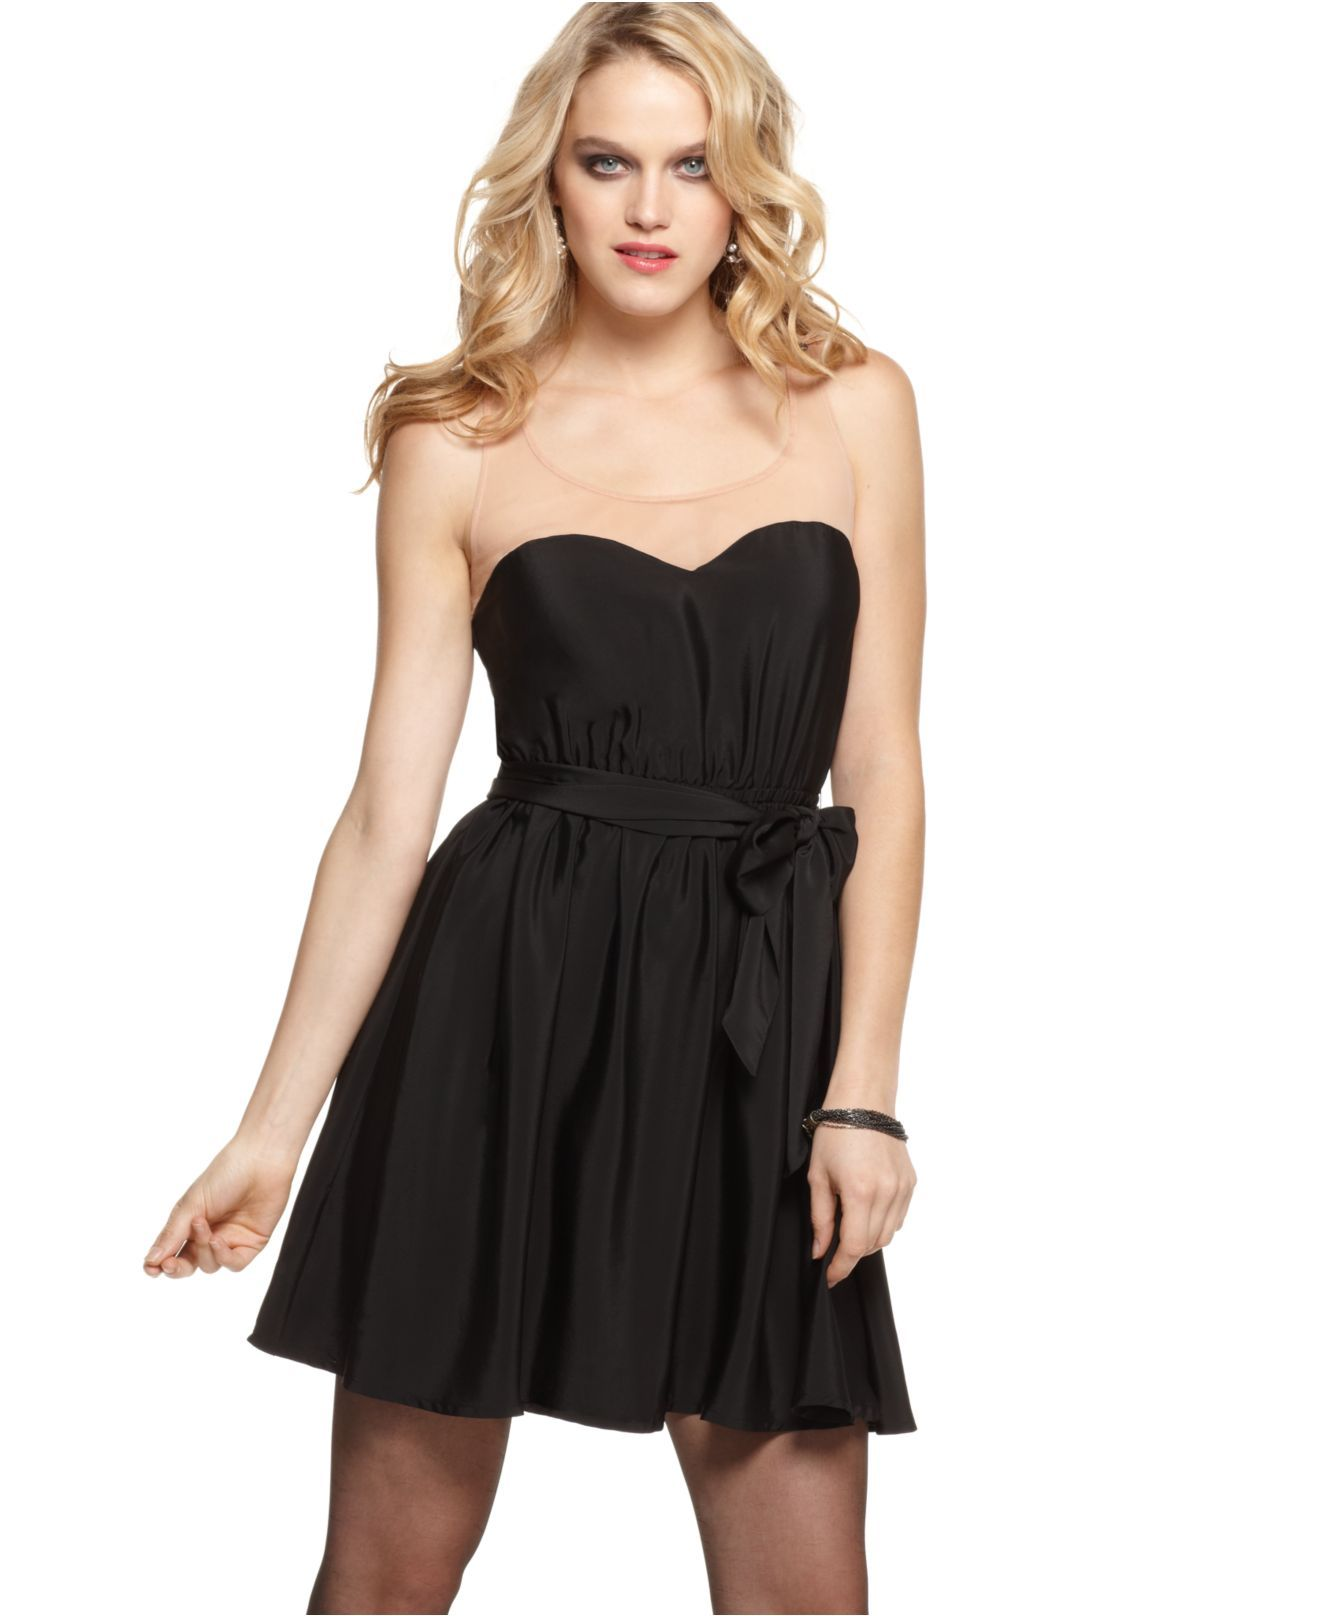 GUESS? Dress, Tani Fluid Strapless Little Black Dress - Juniors ...